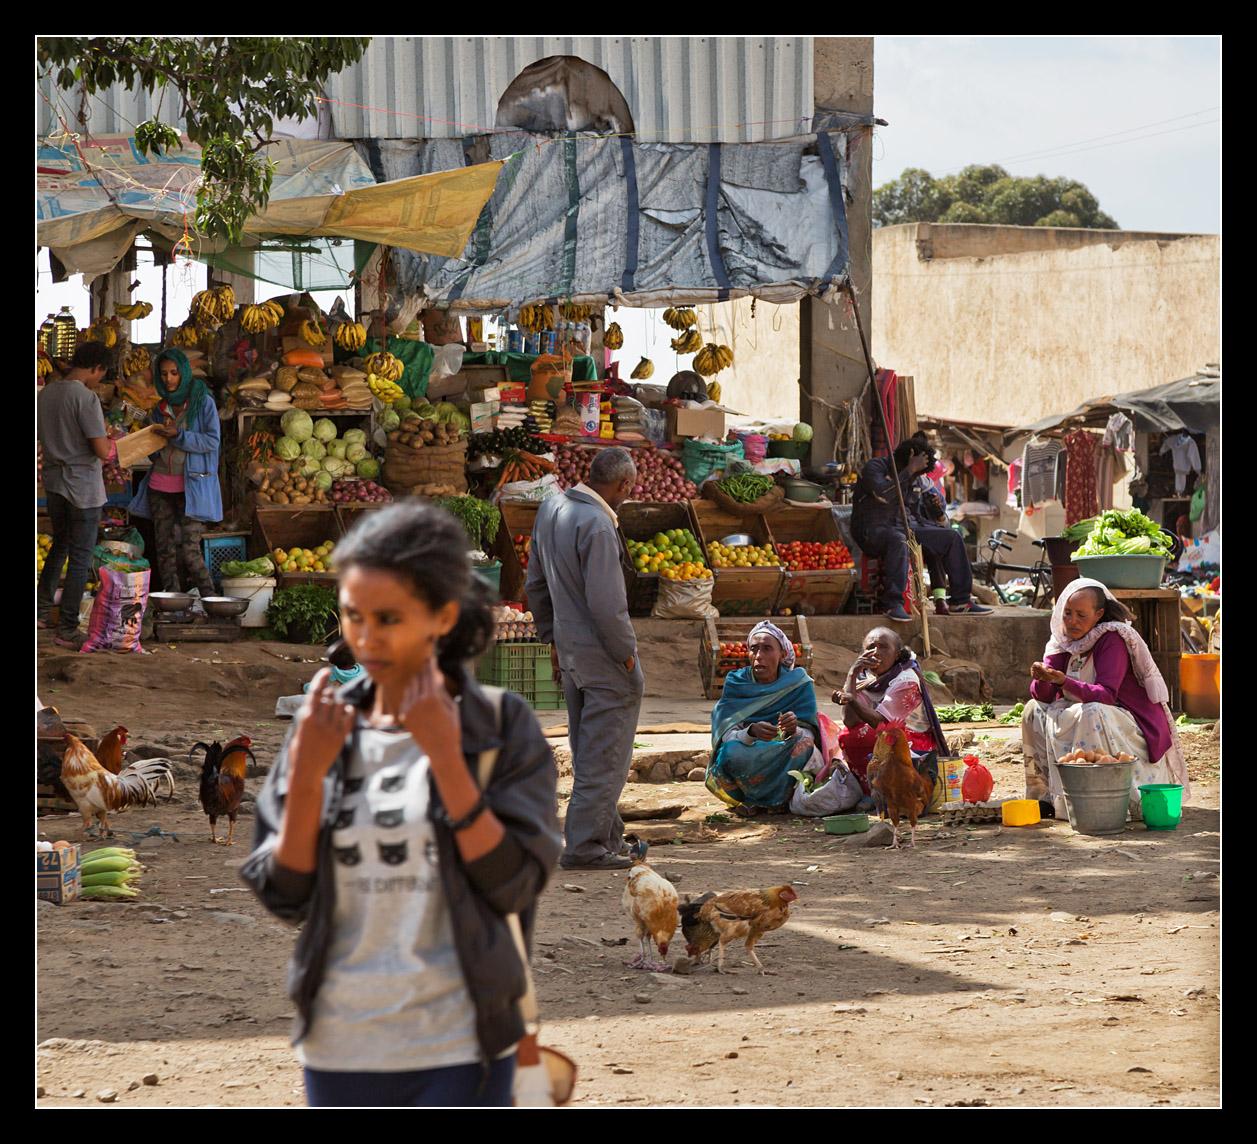 http://raildata.info/eritrea18/eri0933.jpg